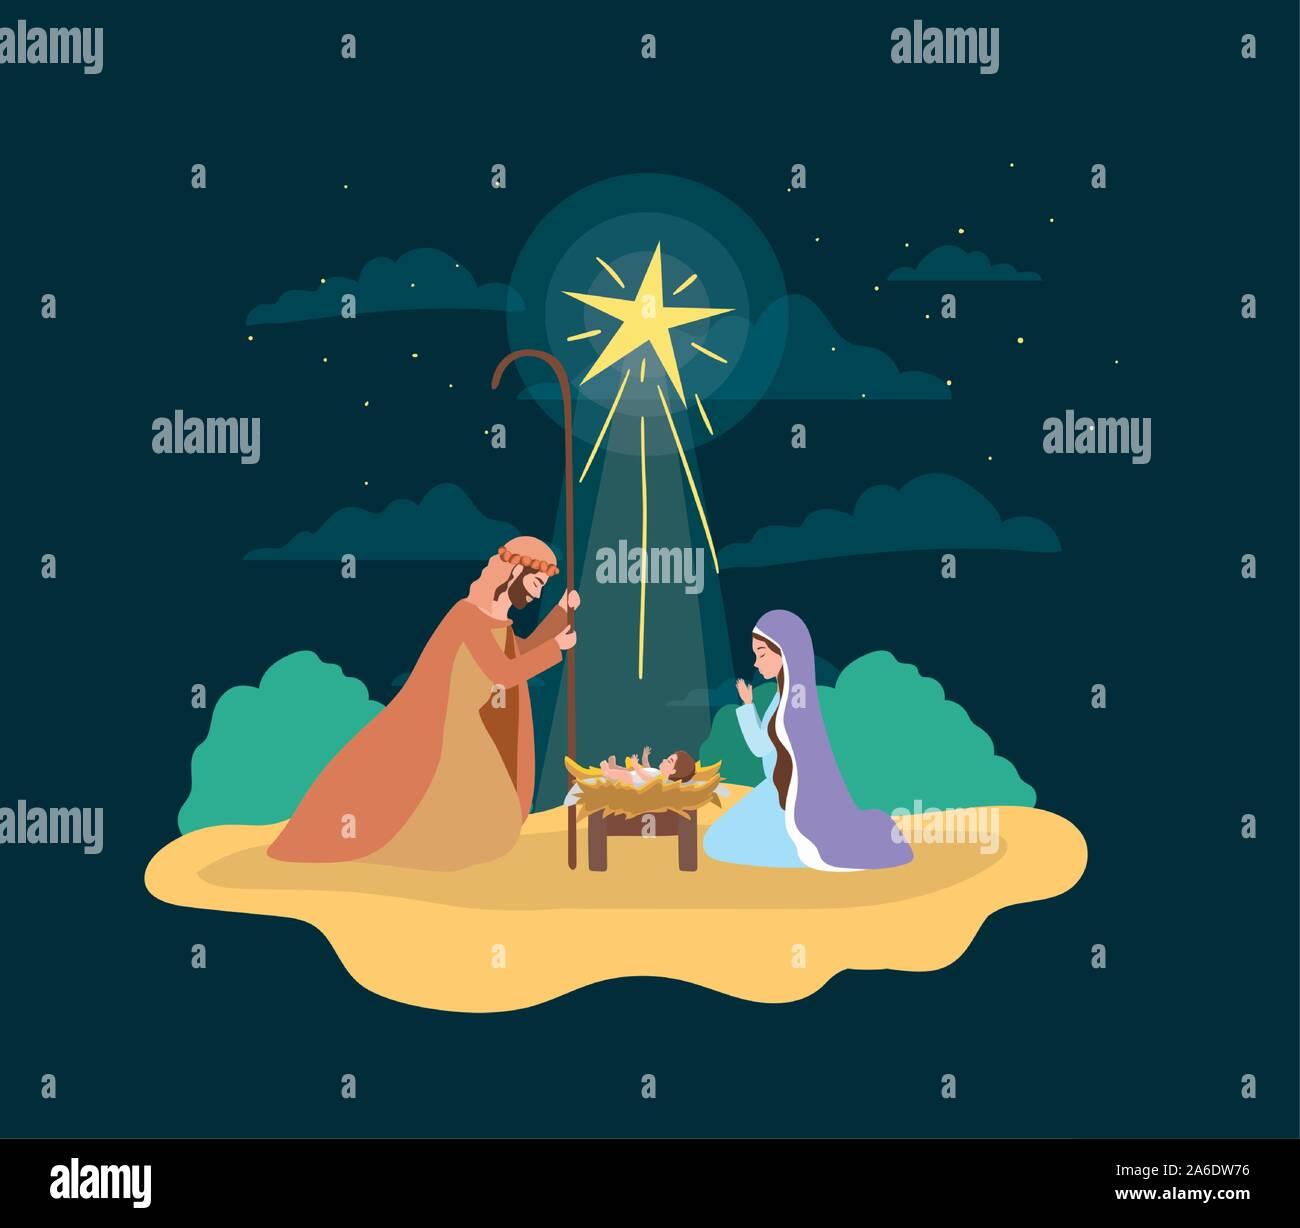 Weihnachtskrippe Krippe von Jesus der Heilige Familie clipart - einfache  Kompass rose png herunterladen - 999*999 - Kostenlos transparent Blatt png  Herunterladen.